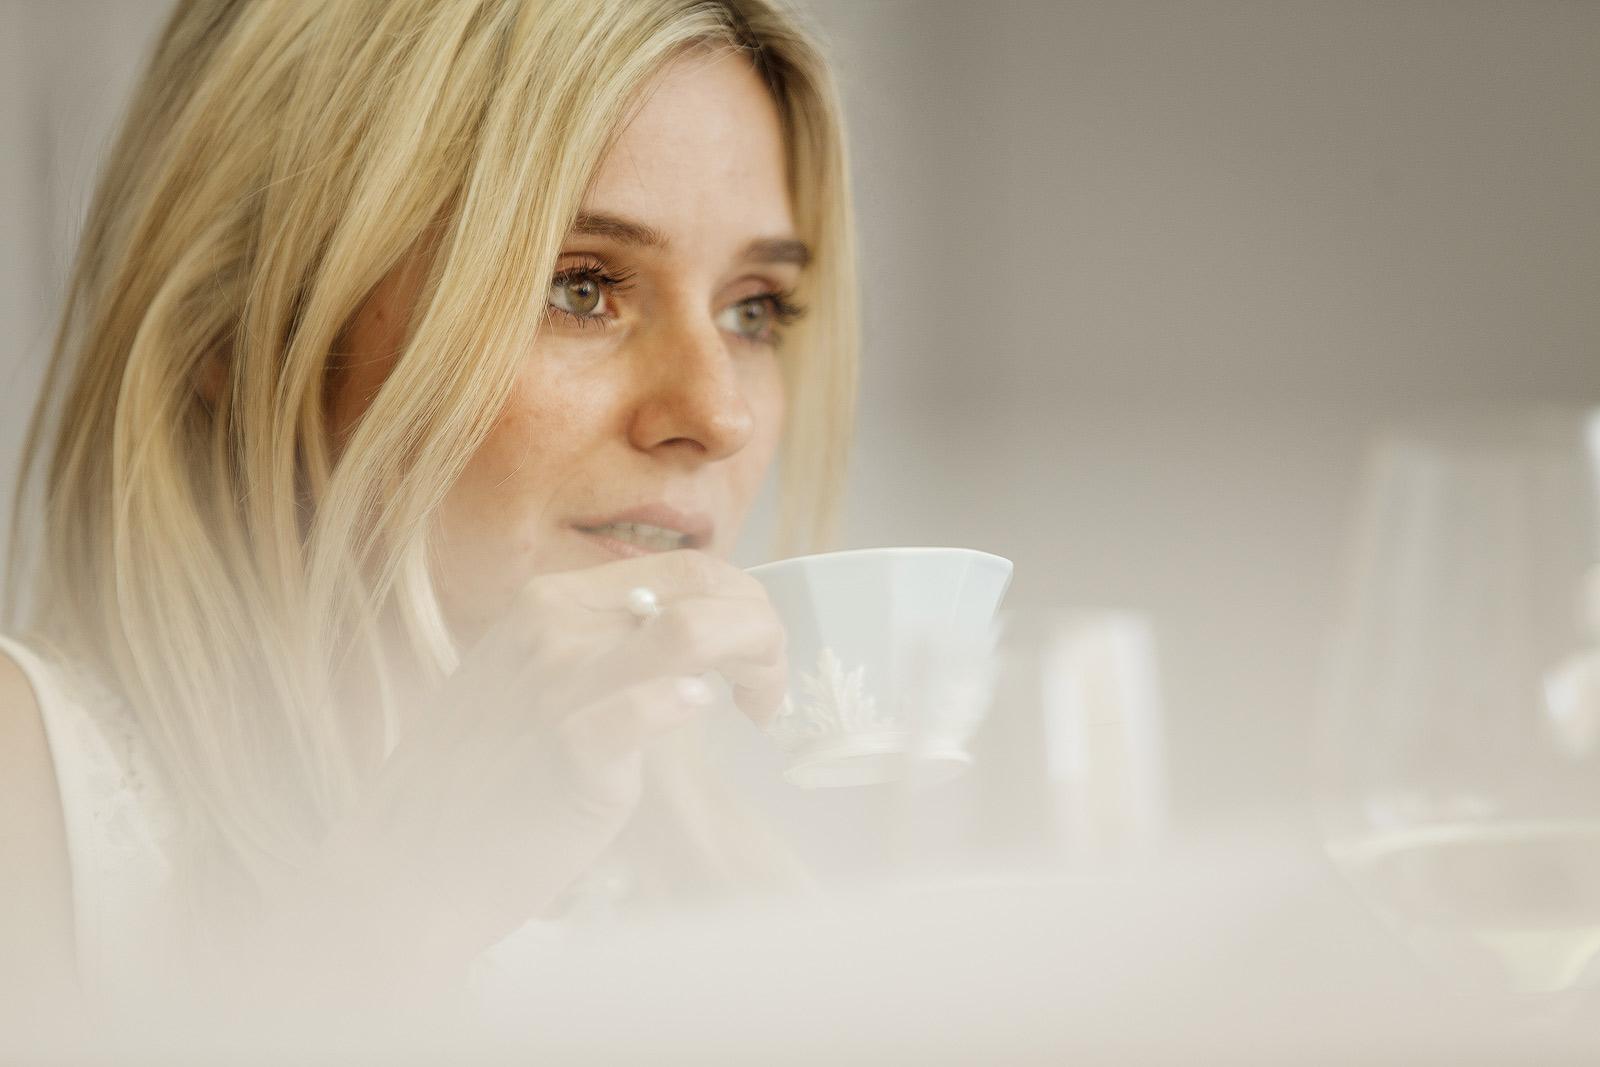 zeitlos moderne Fotografie einer schönen jungen Frau mit Kaffeetasse